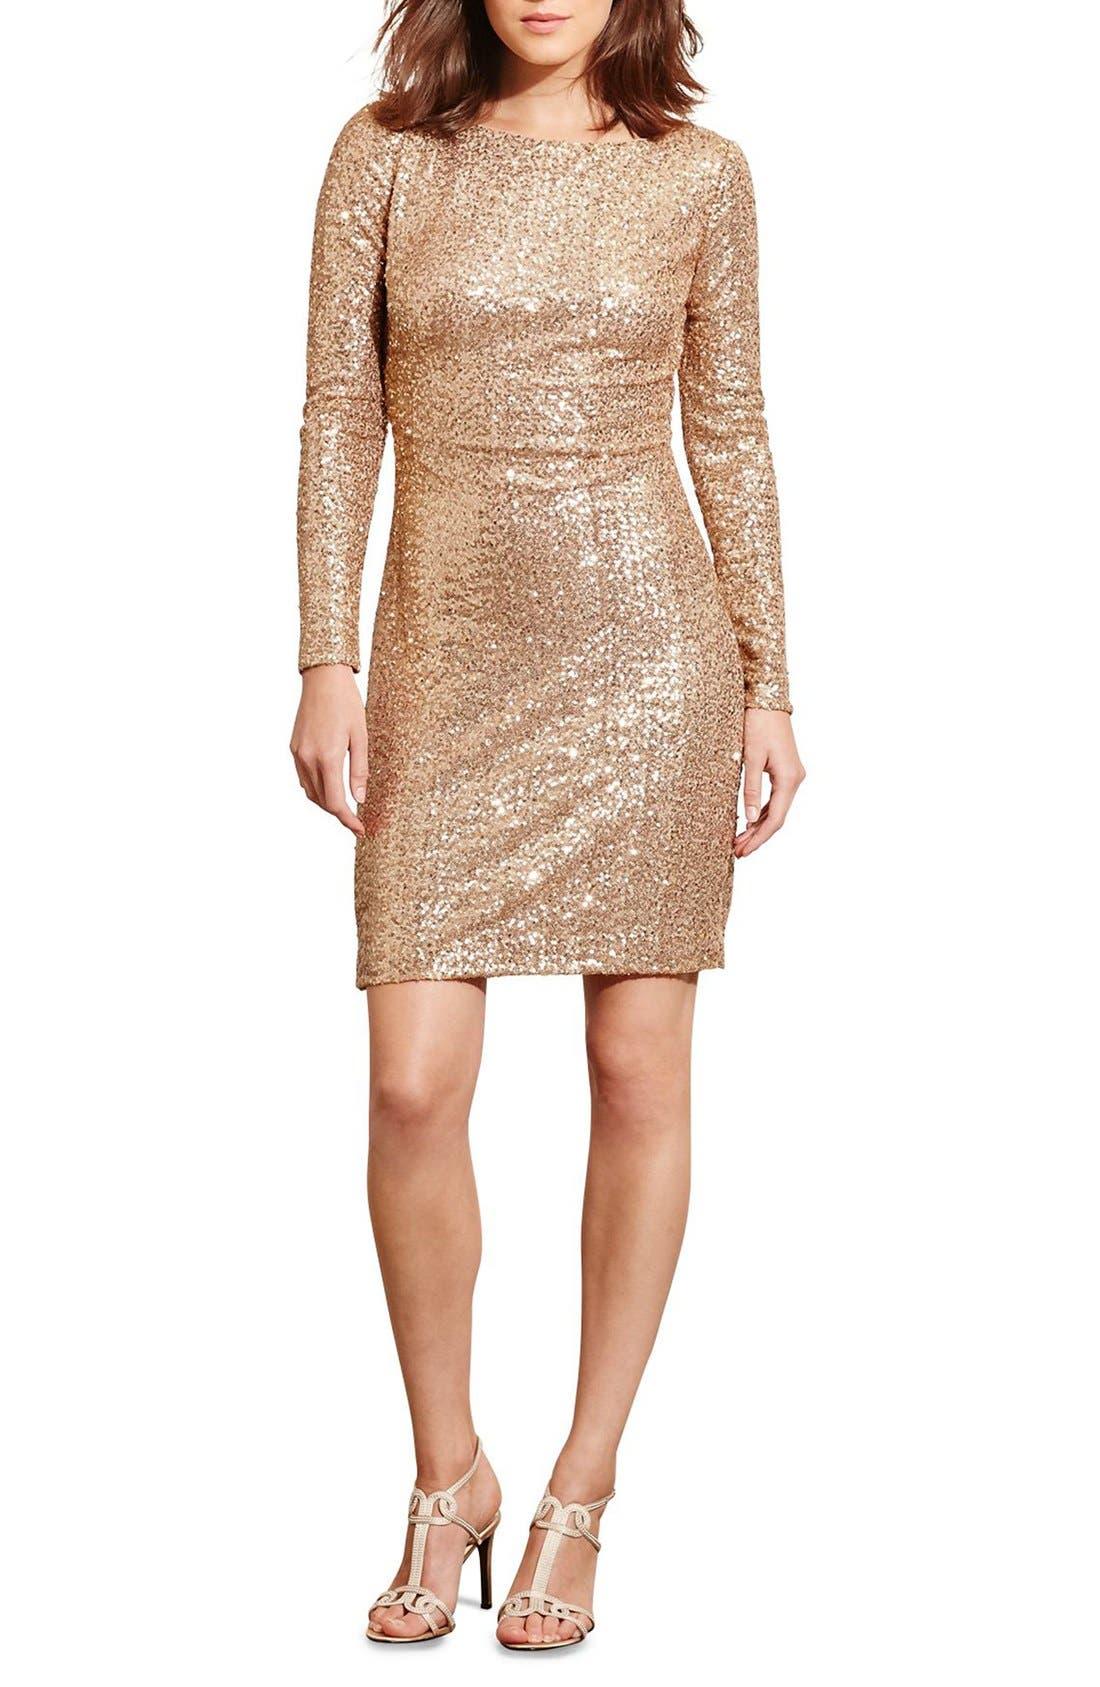 Alternate Image 3  - Lauren Ralph Lauren Backless Sequin Dress (Petite)